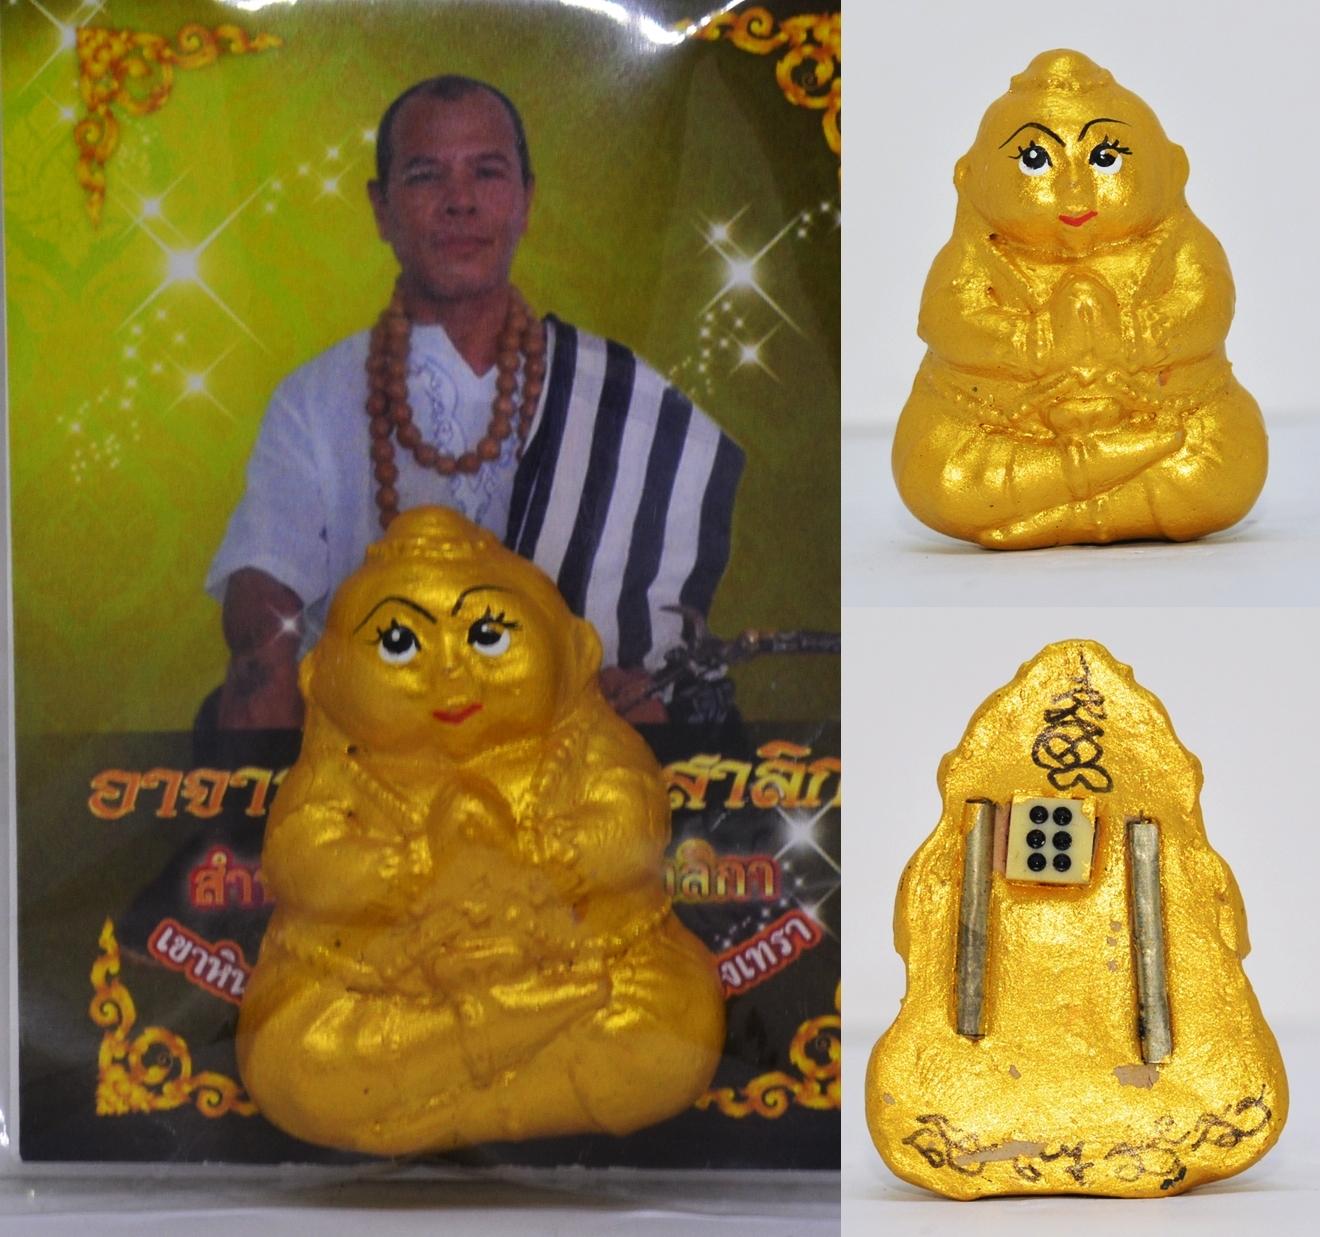 กุมารเทพมนต์ สีทอง  อาจารย์ชอ เทพสาริกา 2558